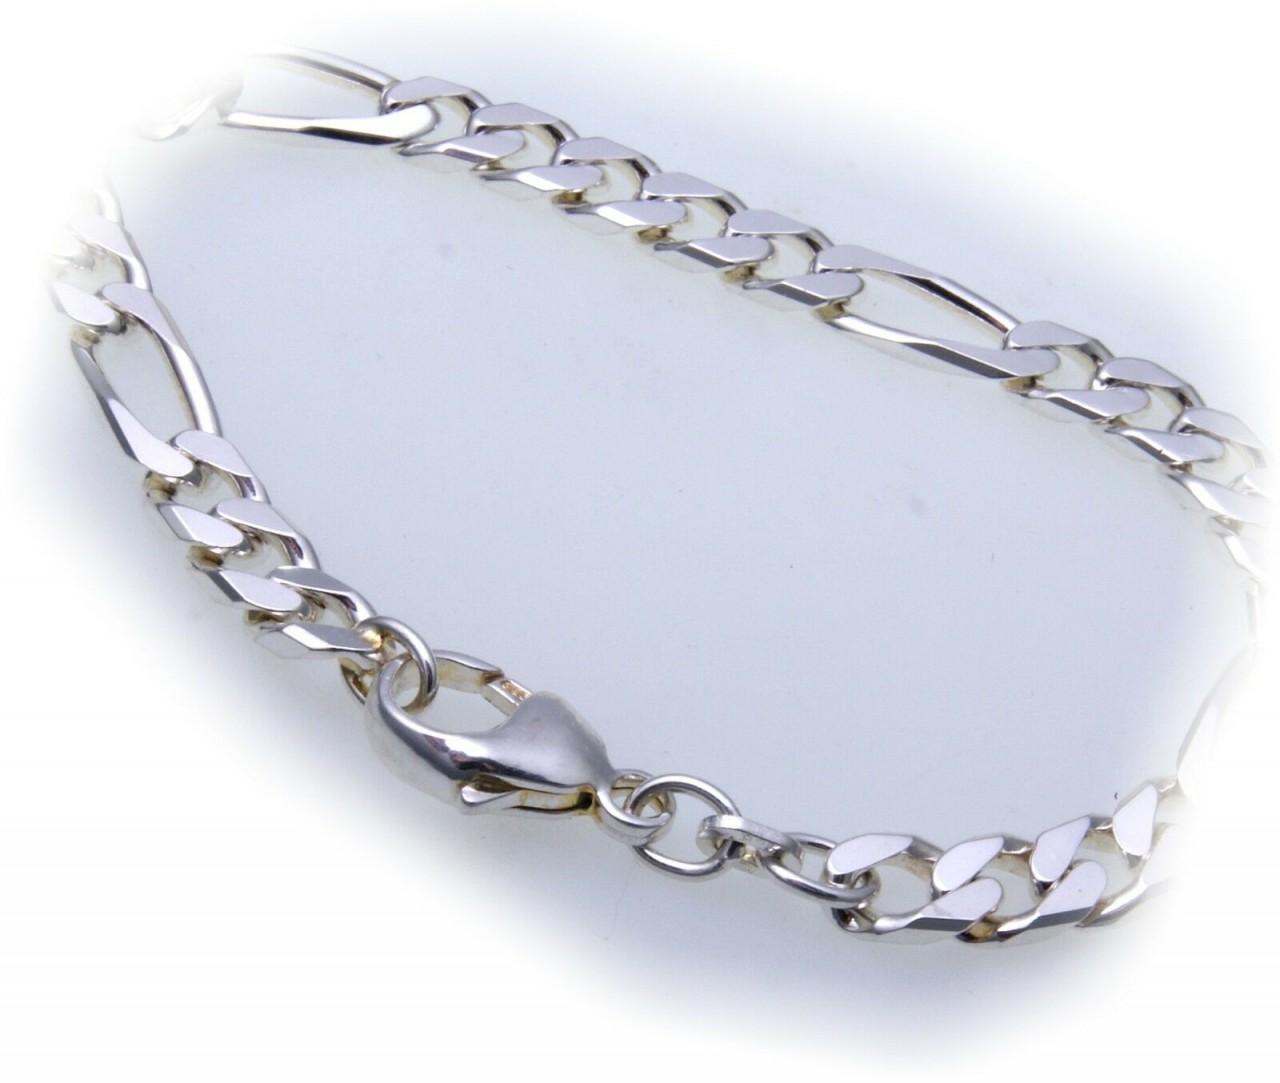 Kette Figarokette flach Silber 925 6 mm 50 cm Halskette Sterlingsilber Unisex